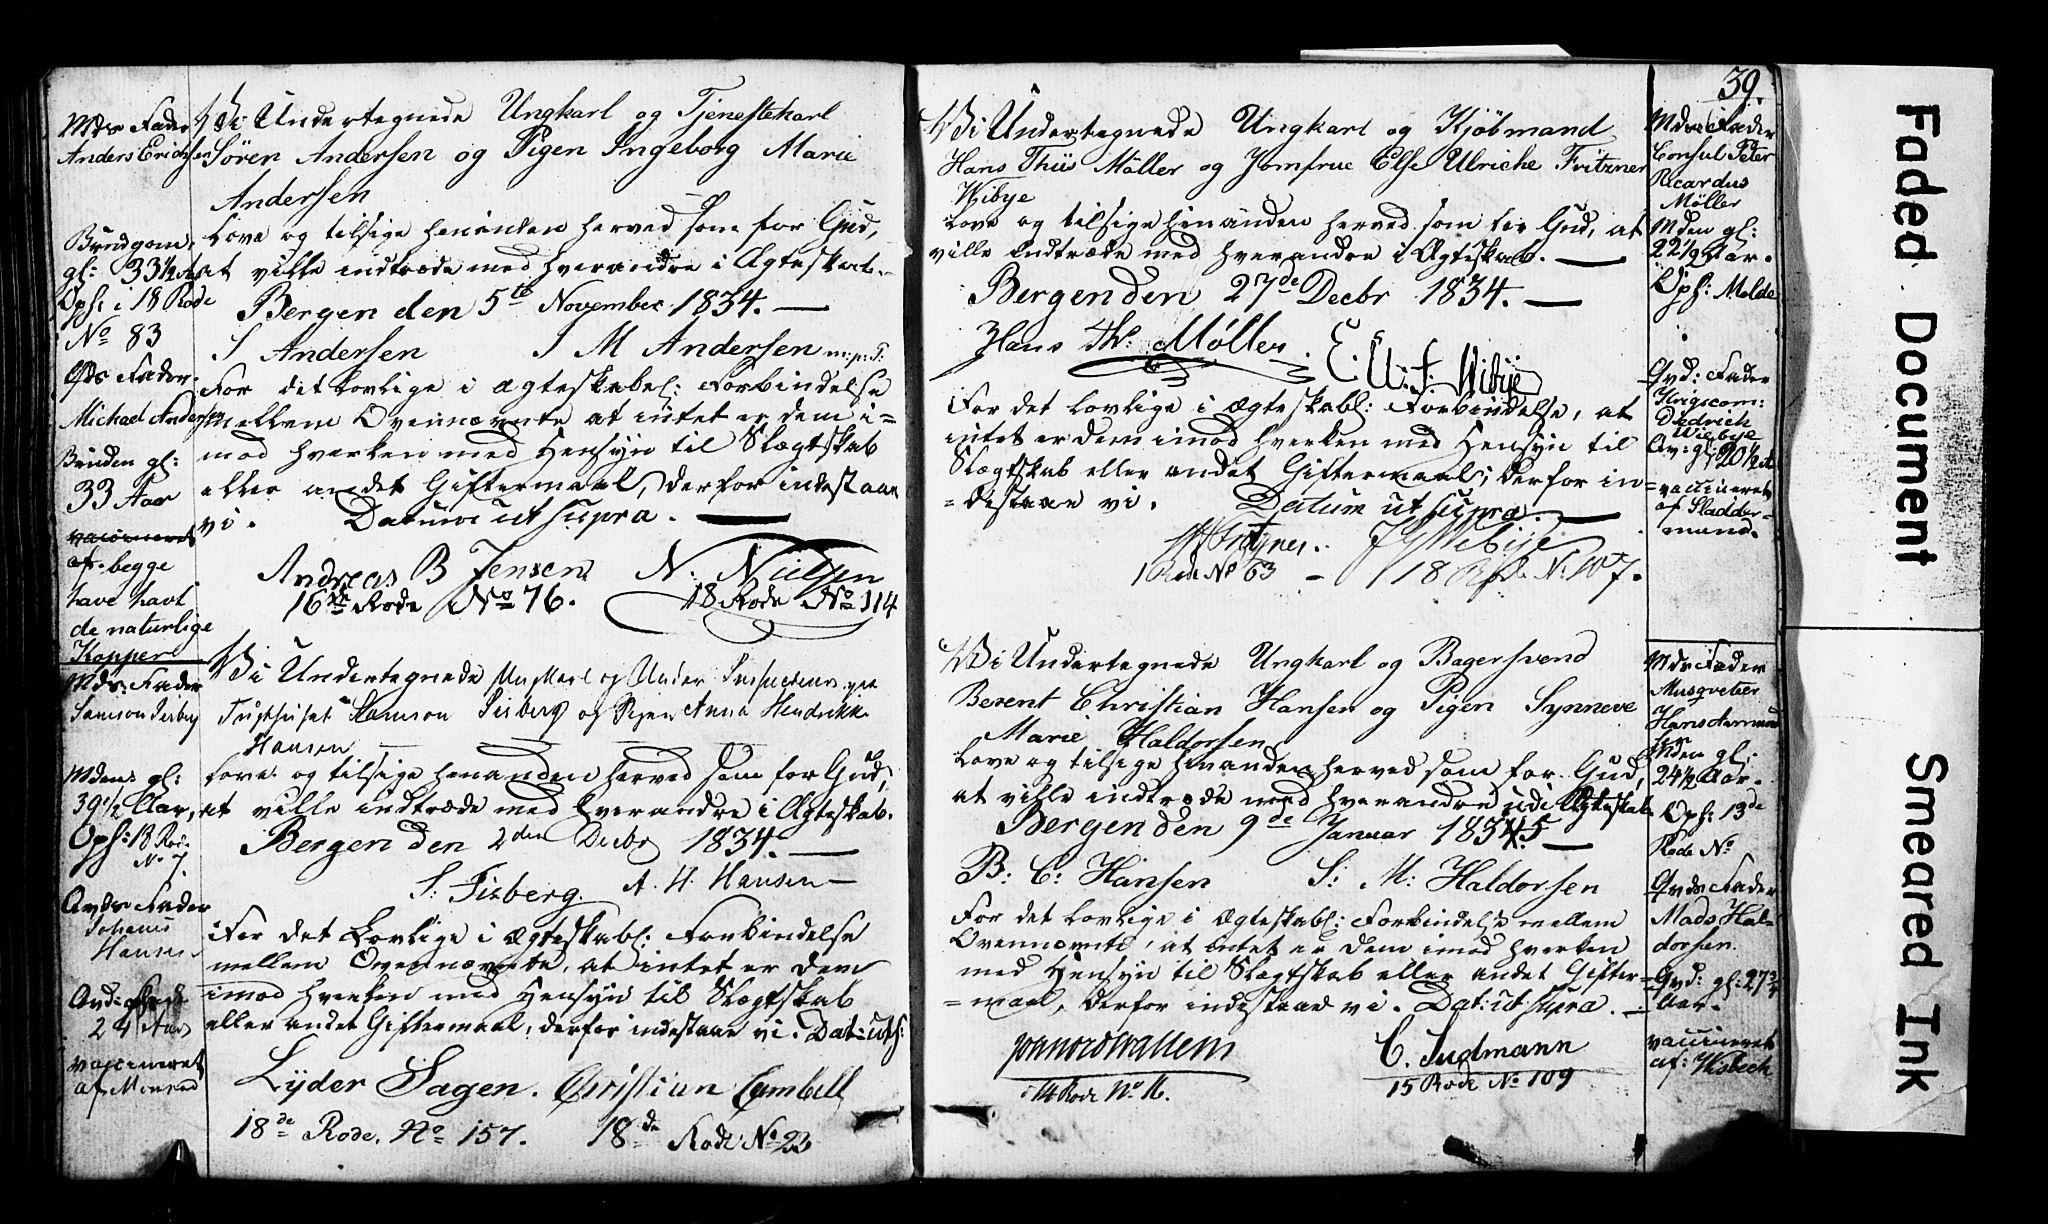 SAB, Domkirken Sokneprestembete, Forlovererklæringer nr. II.5.3, 1832-1845, s. 39